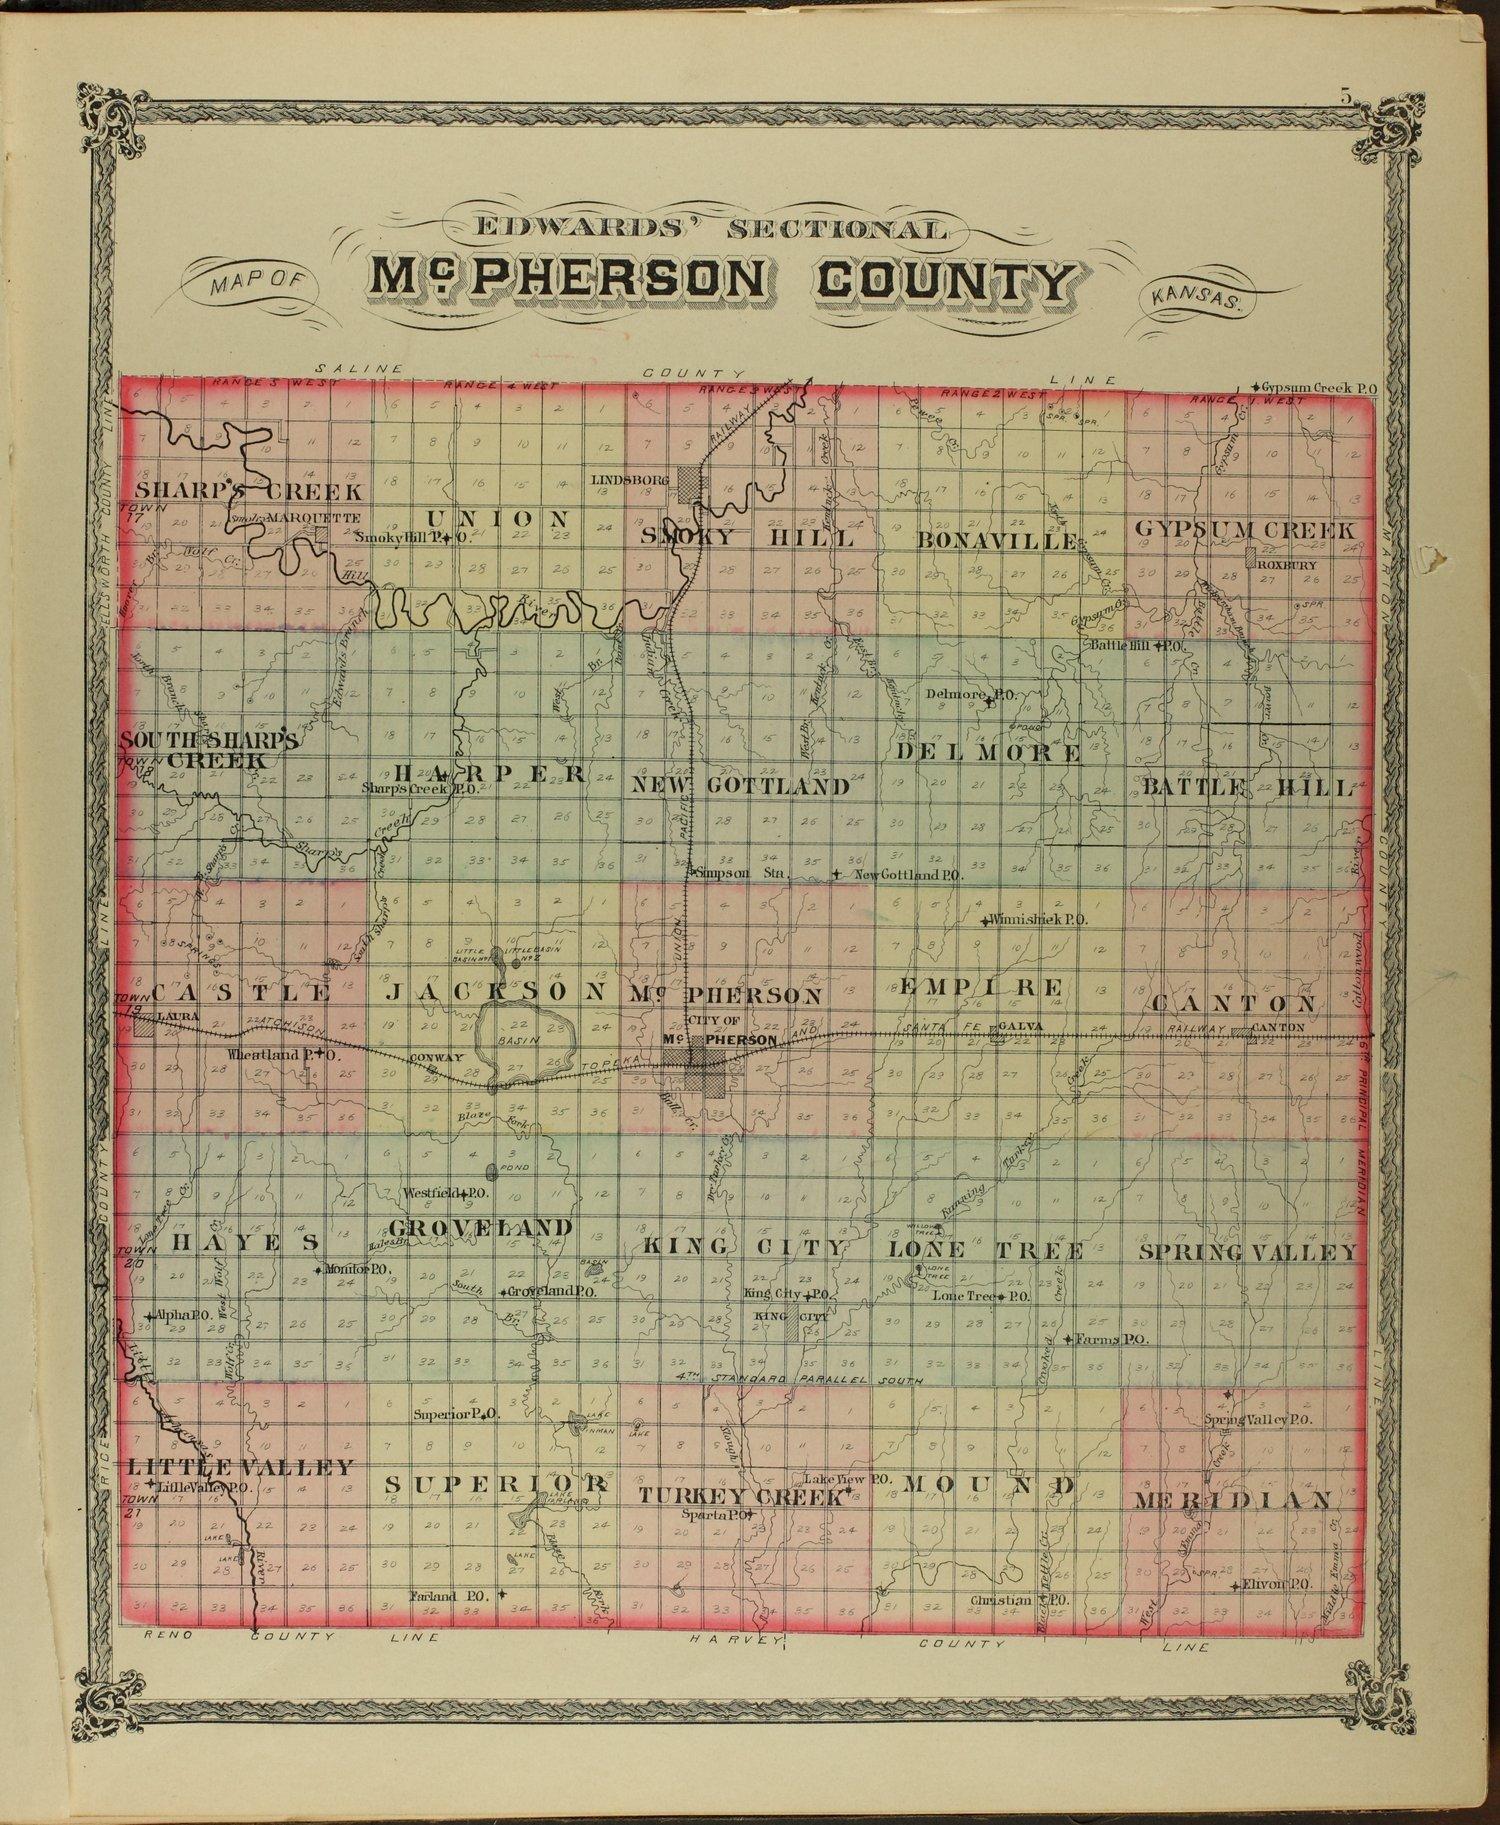 Edwards' atlas of McPherson County, Kansas - 5